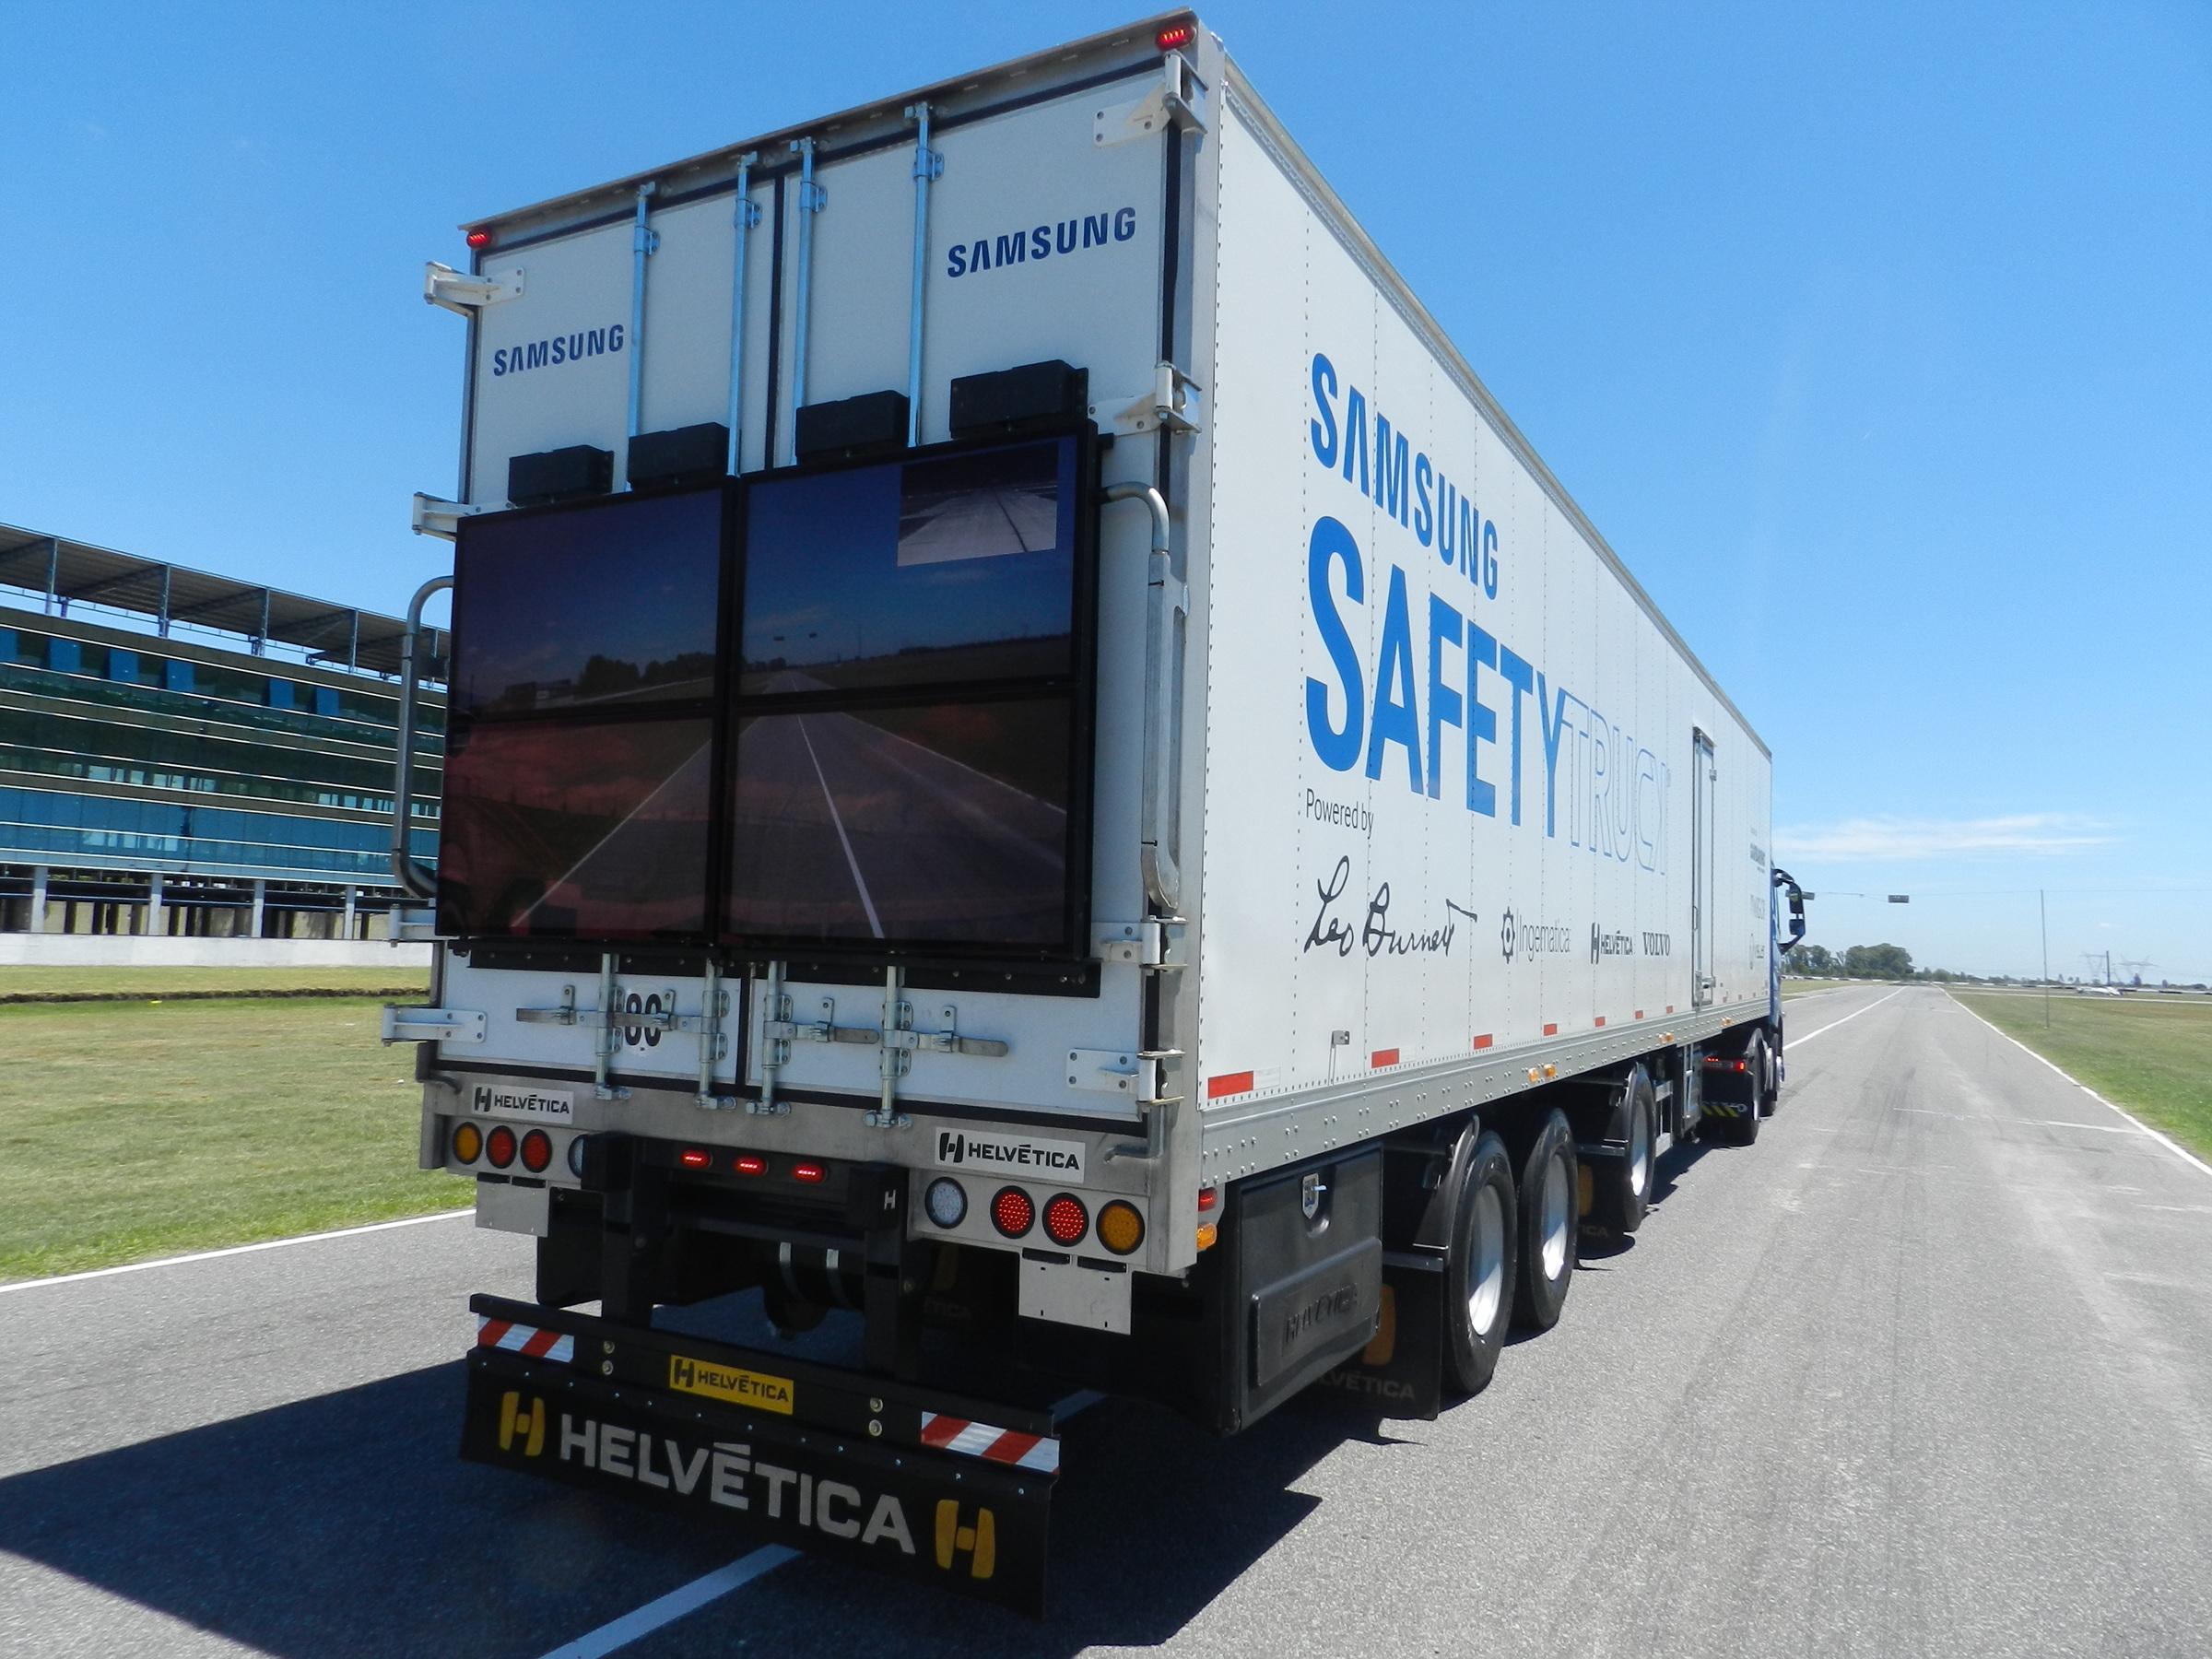 Samsung Safety Truck - mat. pras. Samsung